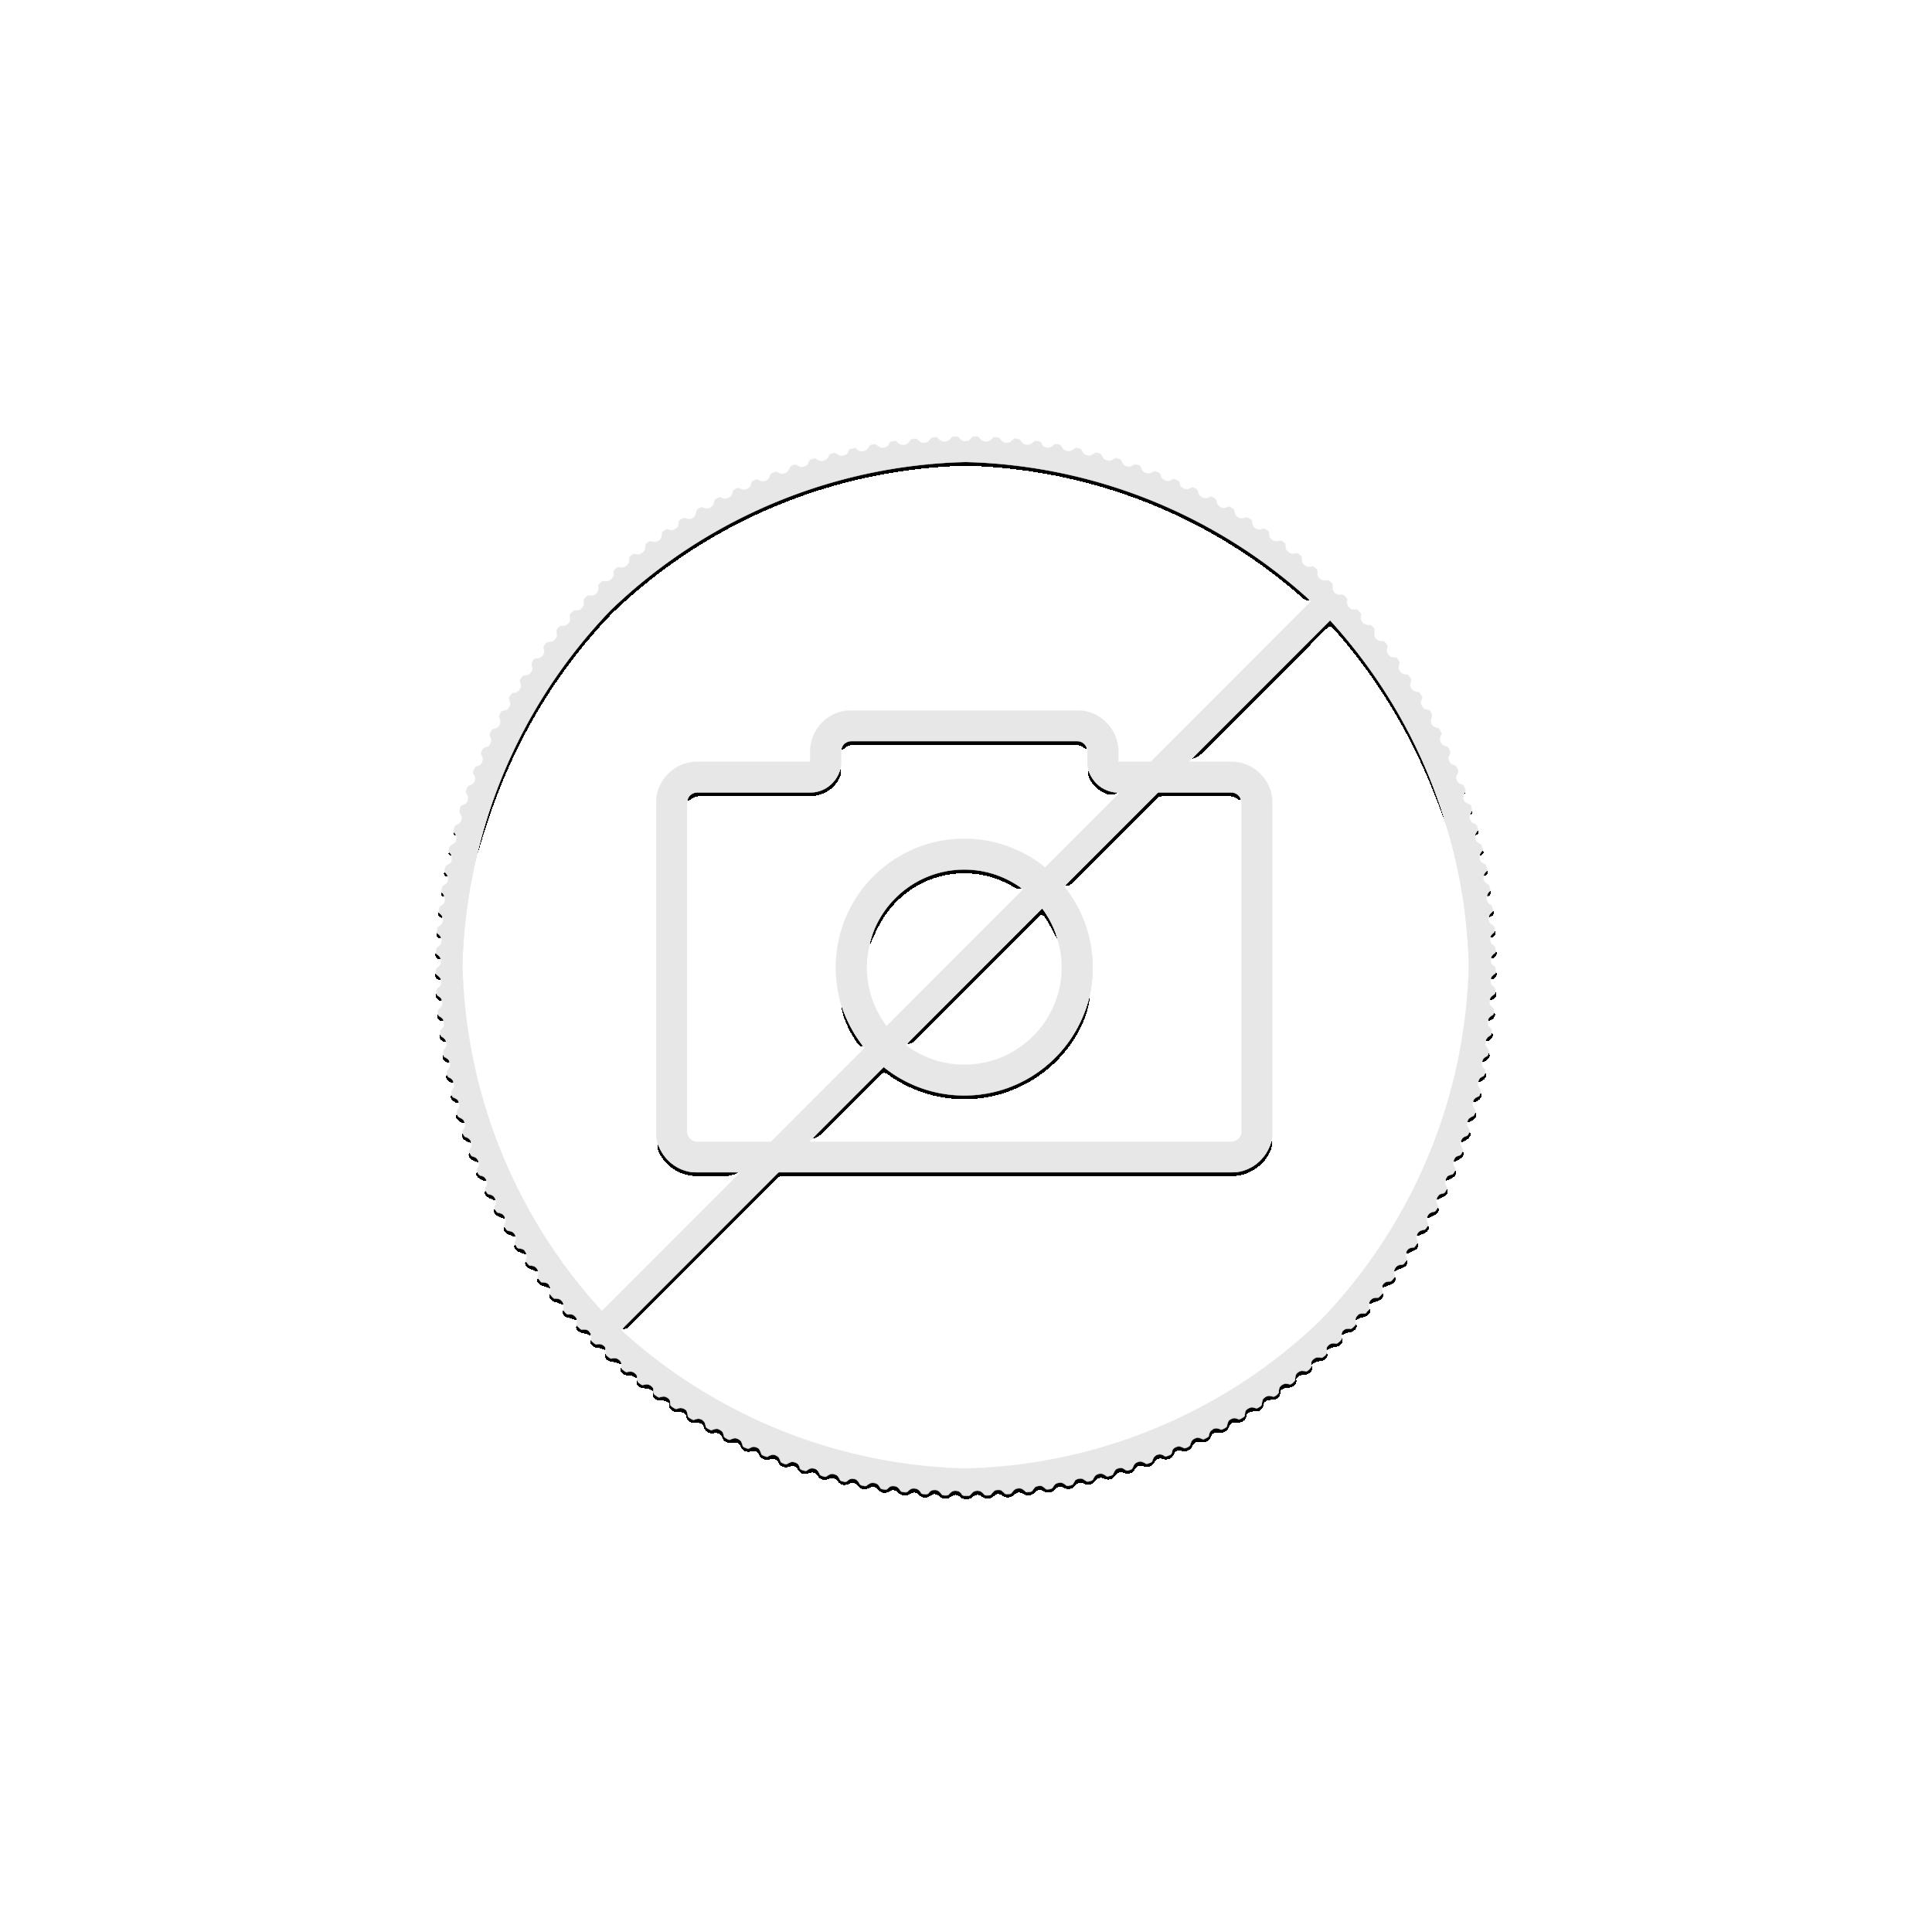 1 Troy ounce silver coin Somalia Elephant 2019